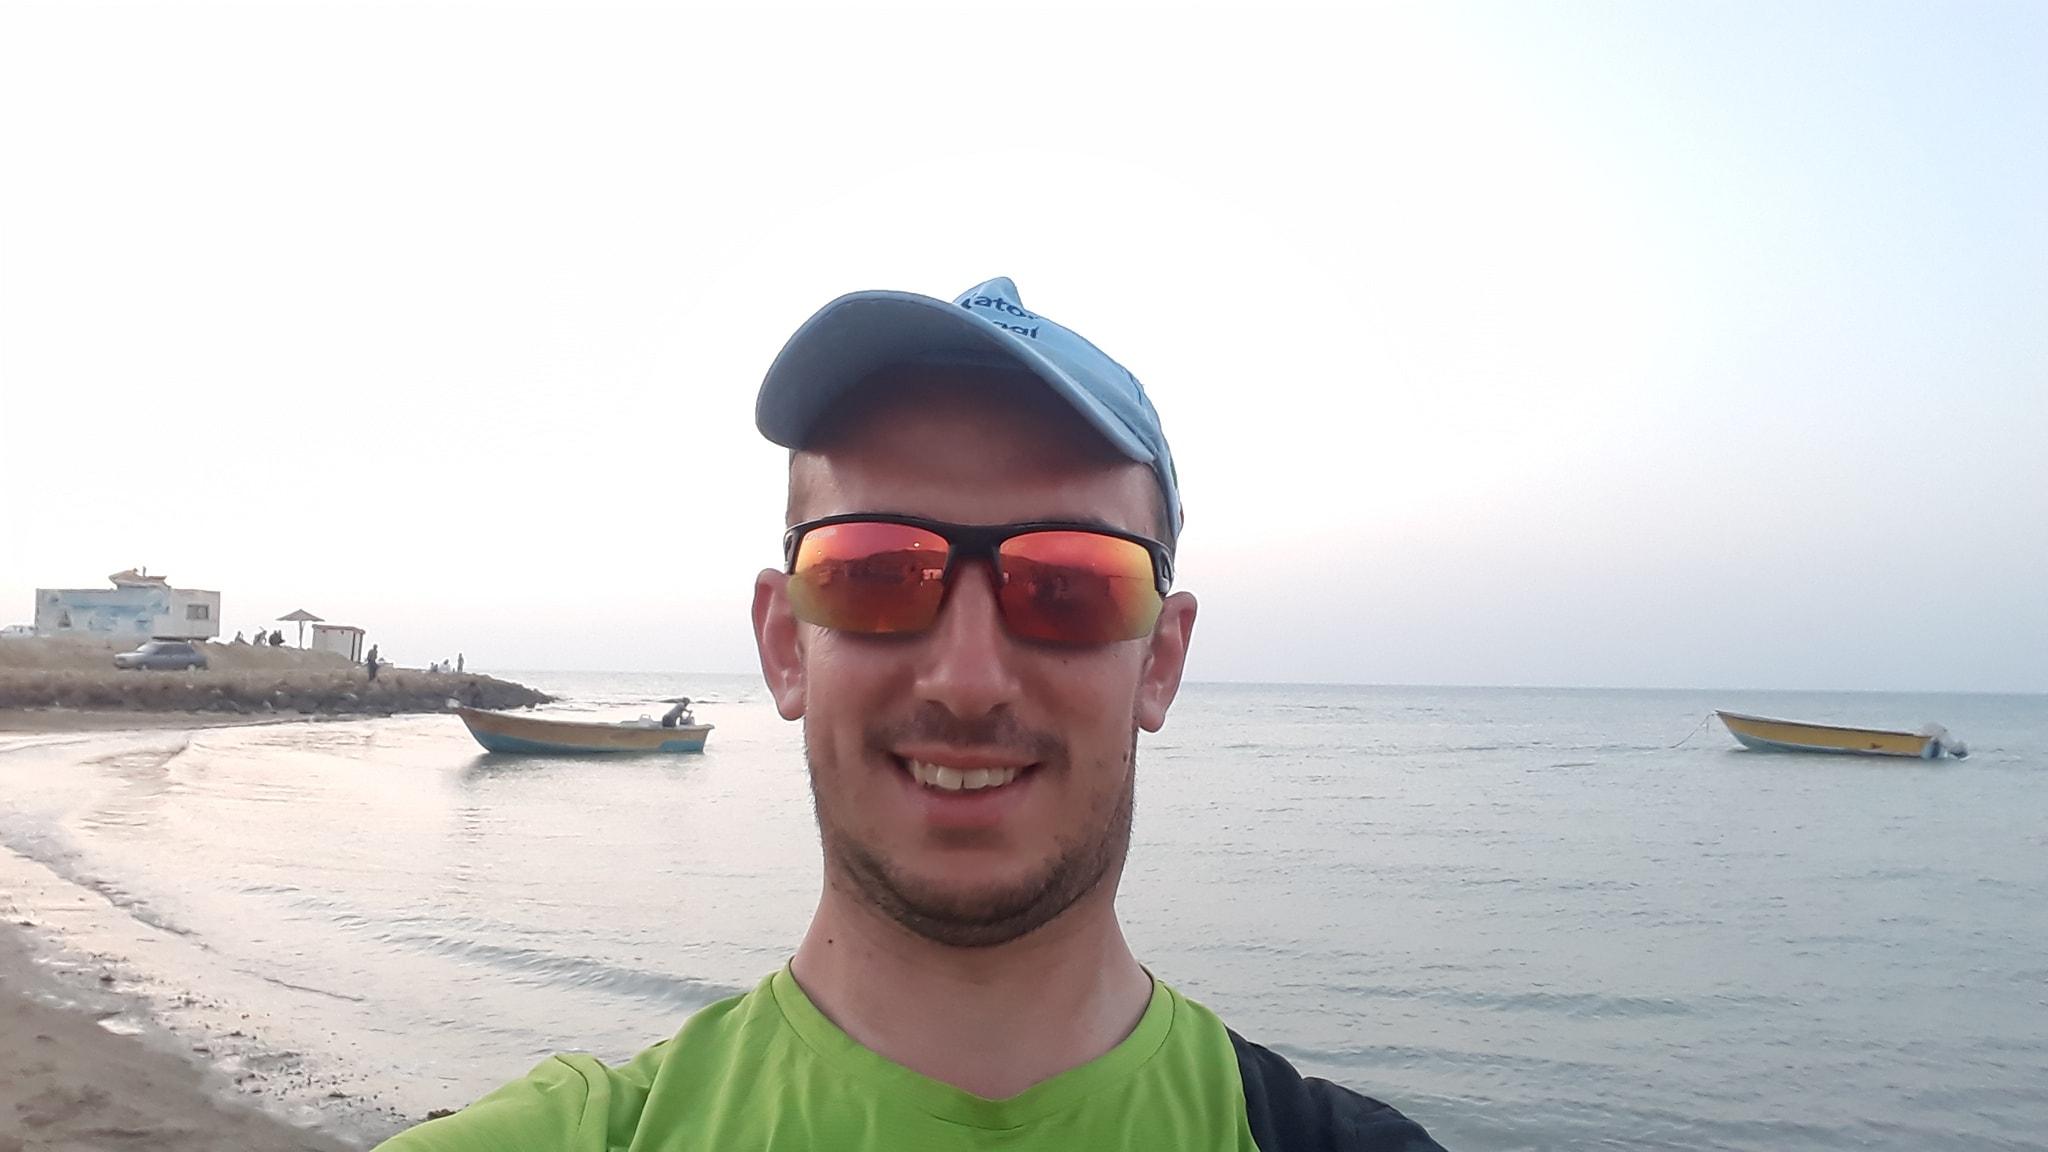 Coronavirus, intervista al documentarista bloccato in Tunisia senza possibilità di rientro. Passa il tempo raccontando su youtube la sua giornata (VIDEO)